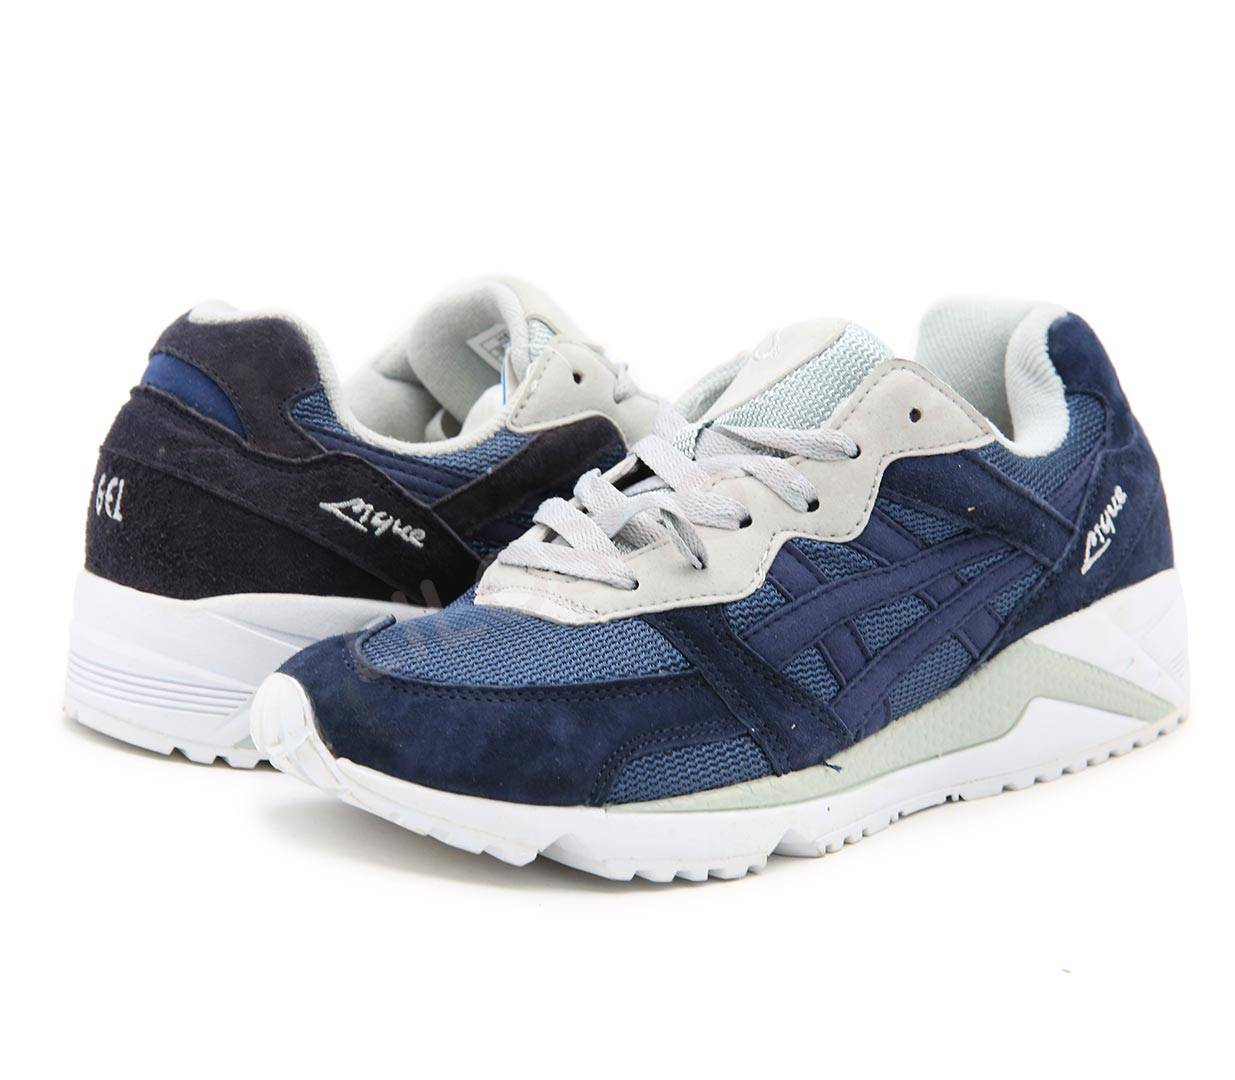 51622287c7f87 Shoes    Man    Botas Asics TB 050 - ინტერნეტ მაღაზია ...